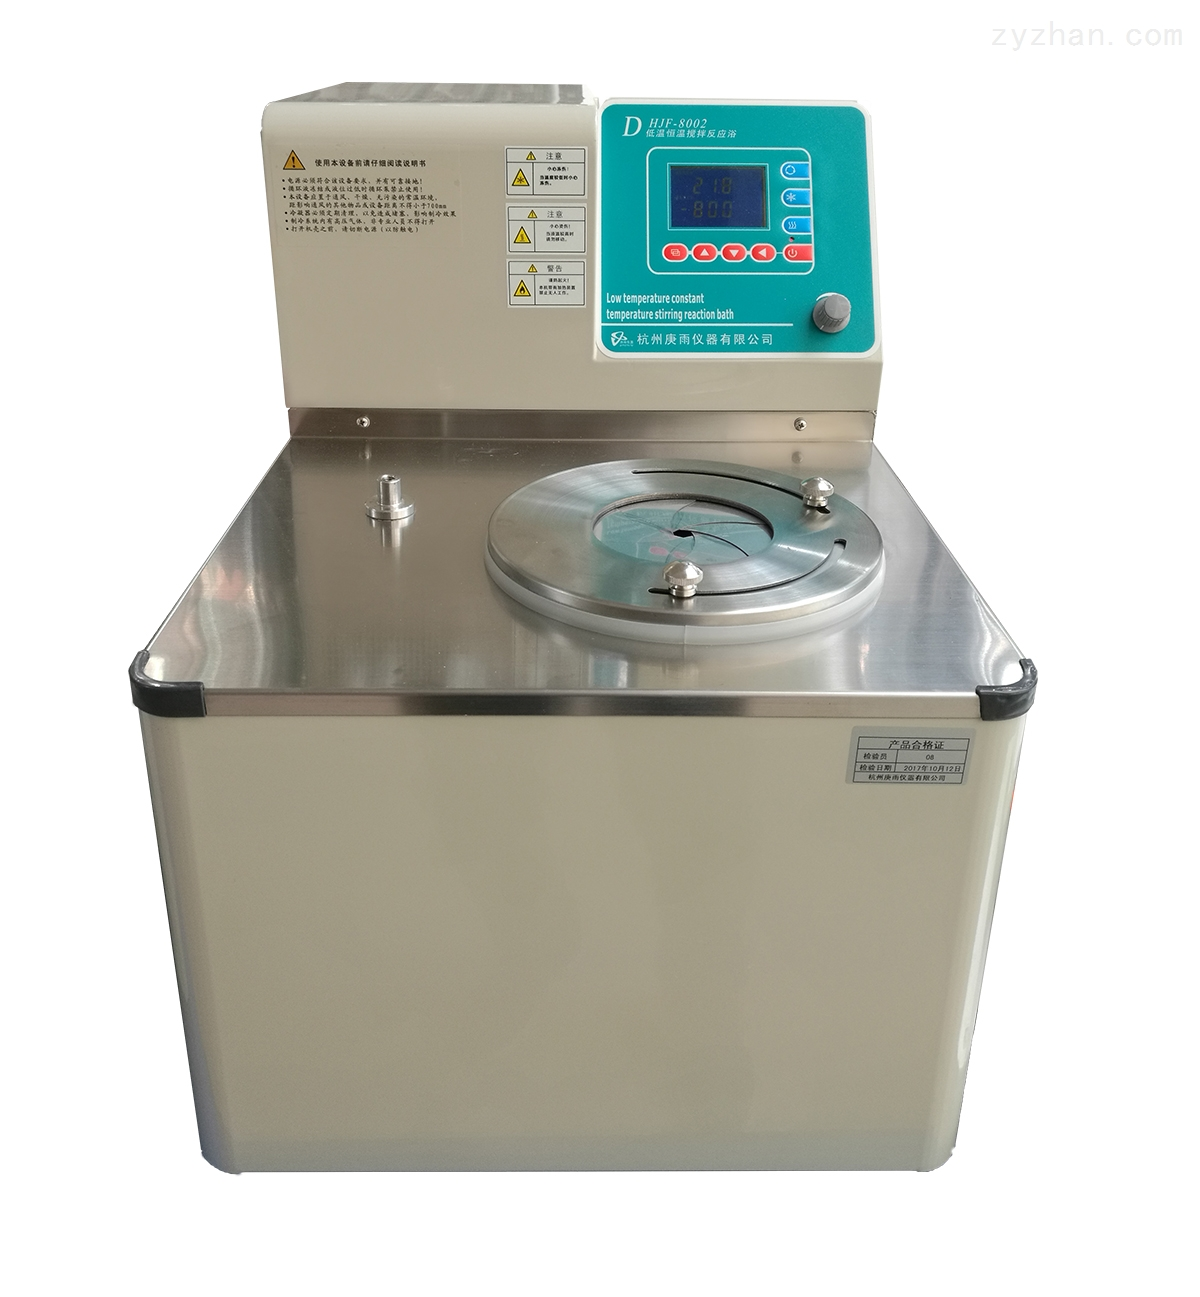 恒温磁力搅拌水槽